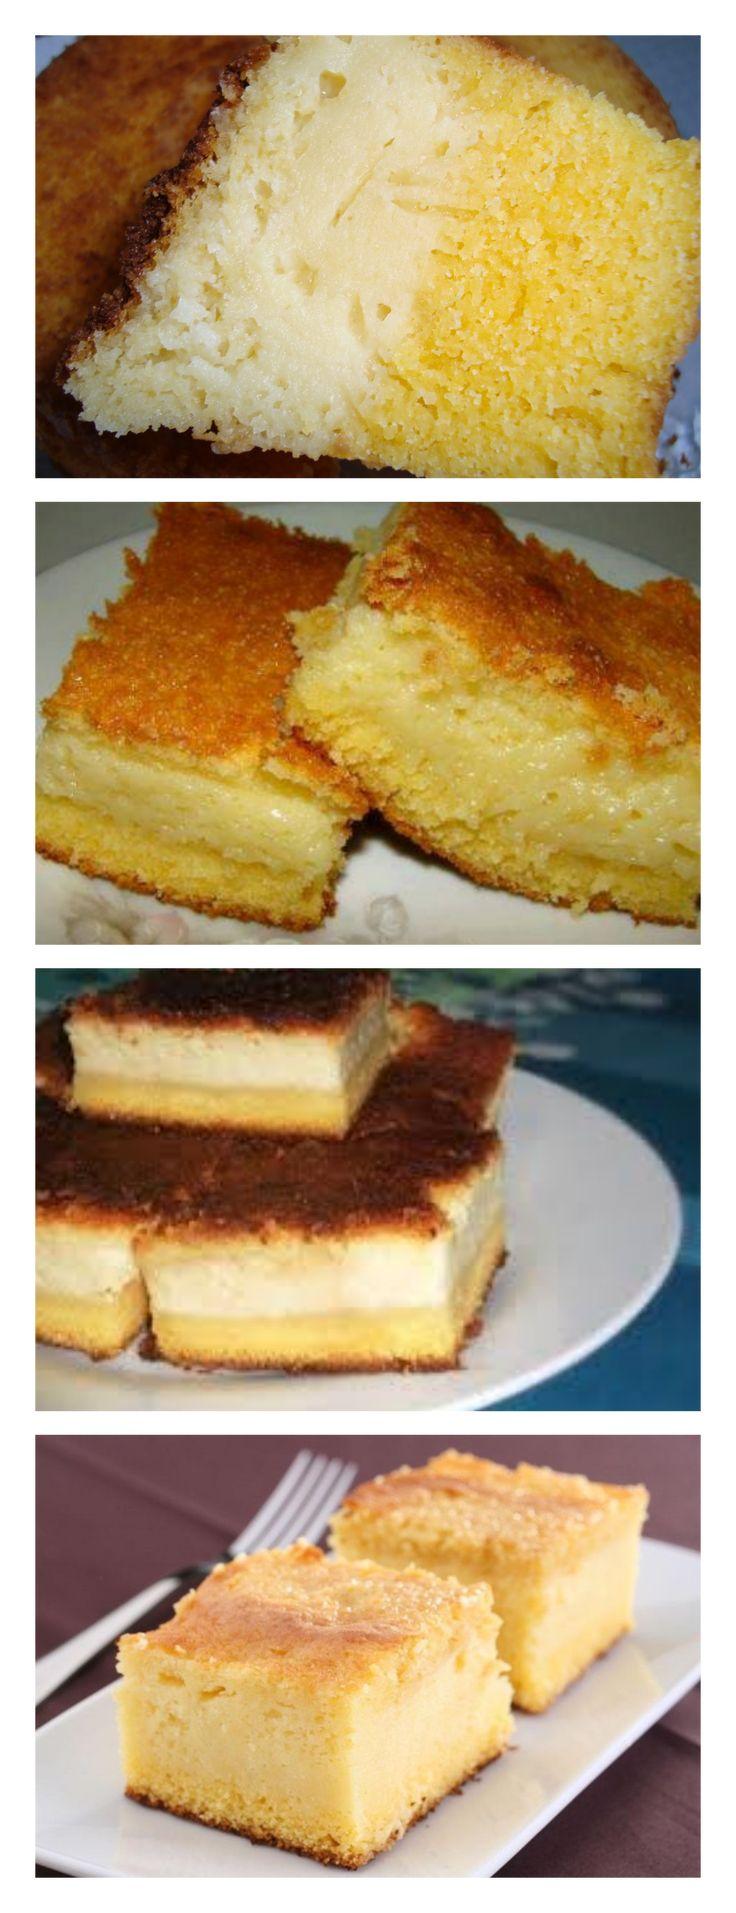 Bolo de fubá cremoso com queijo salve este pin Bater as gemas, a margarina e o açúcar no liquidificador ou batedeira #bolo#torta#doce#sobremesa#aniversario#pudim#mousse#pave#Cheesecake#chocolate#confiteria